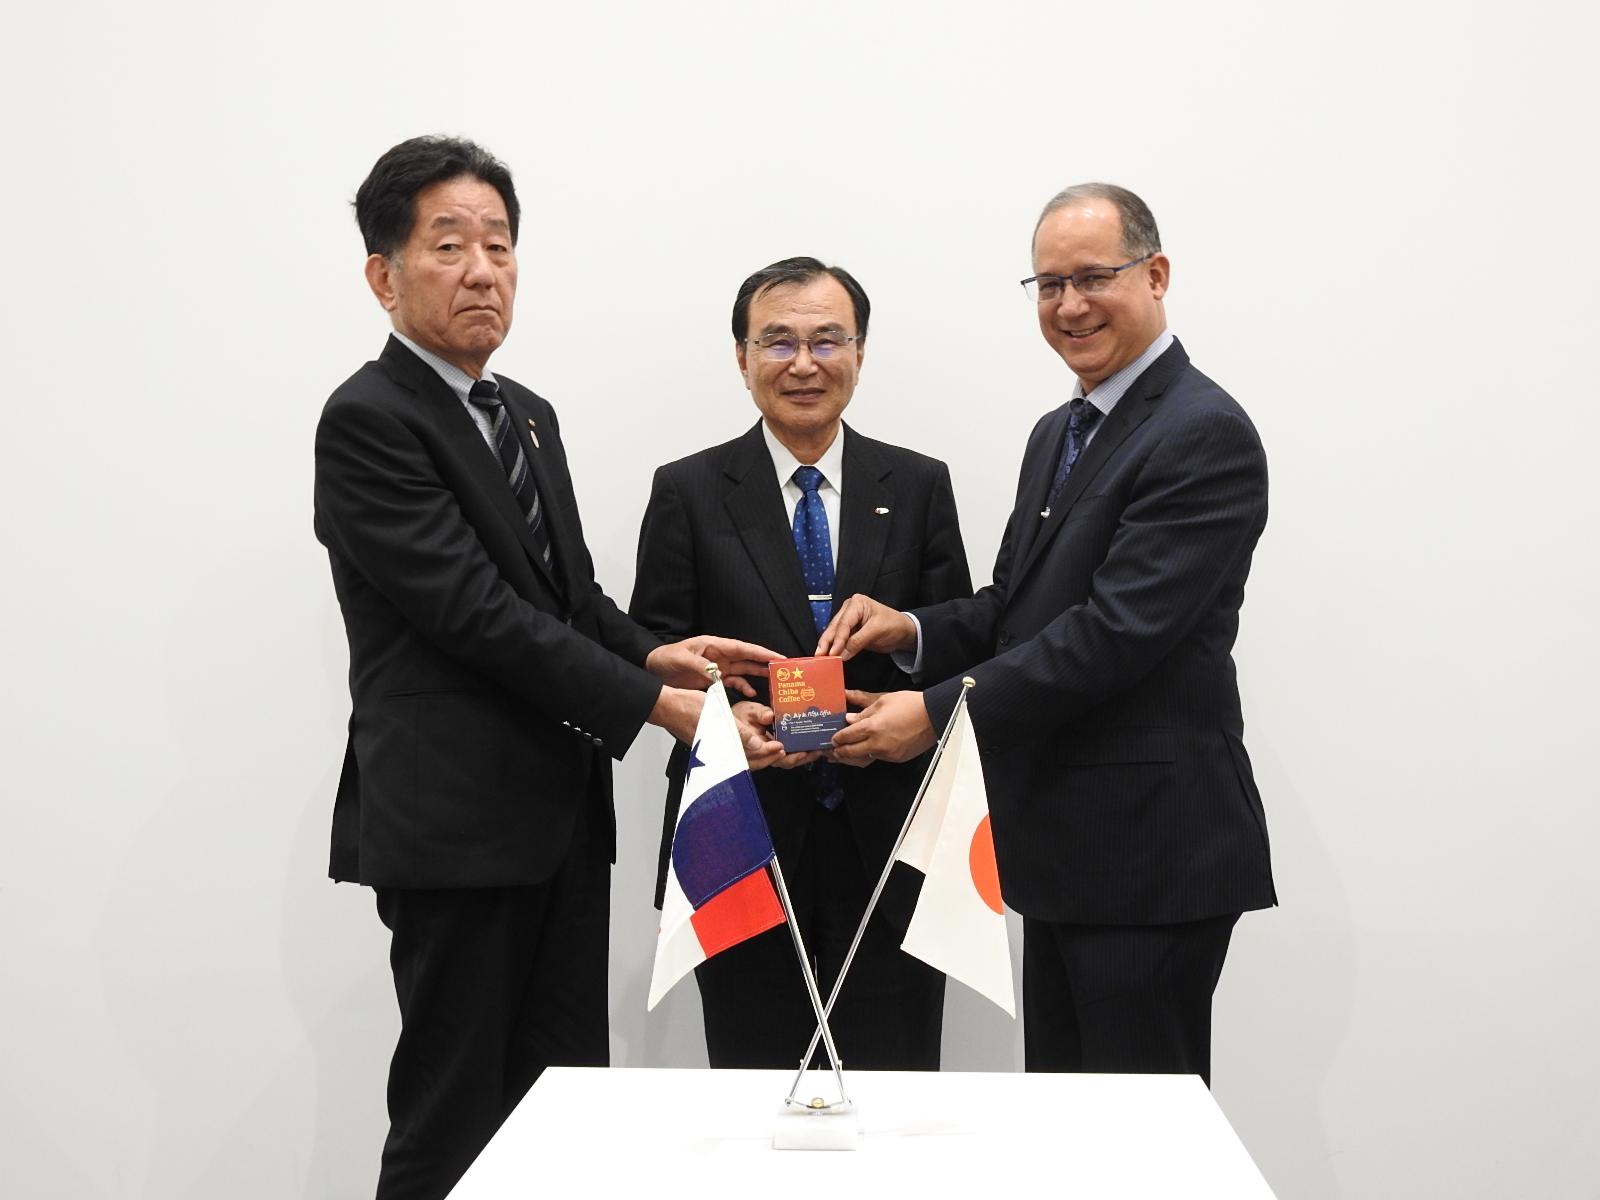 右からディアス大使、徳久学長、鈴木会長